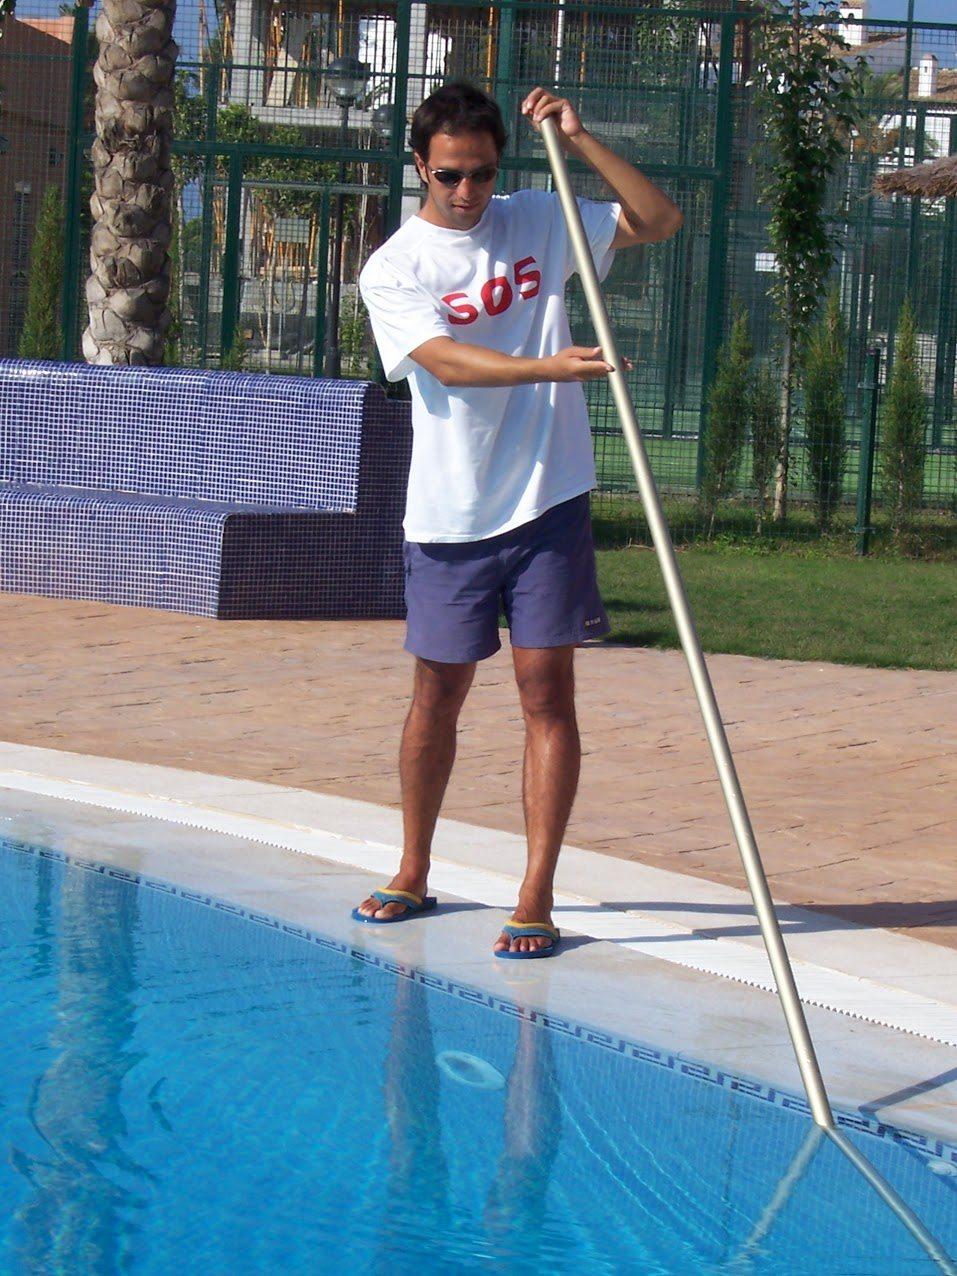 Mantenimiento de piscinas archivos cursos de socorrista for Mantenimiento de piscinas